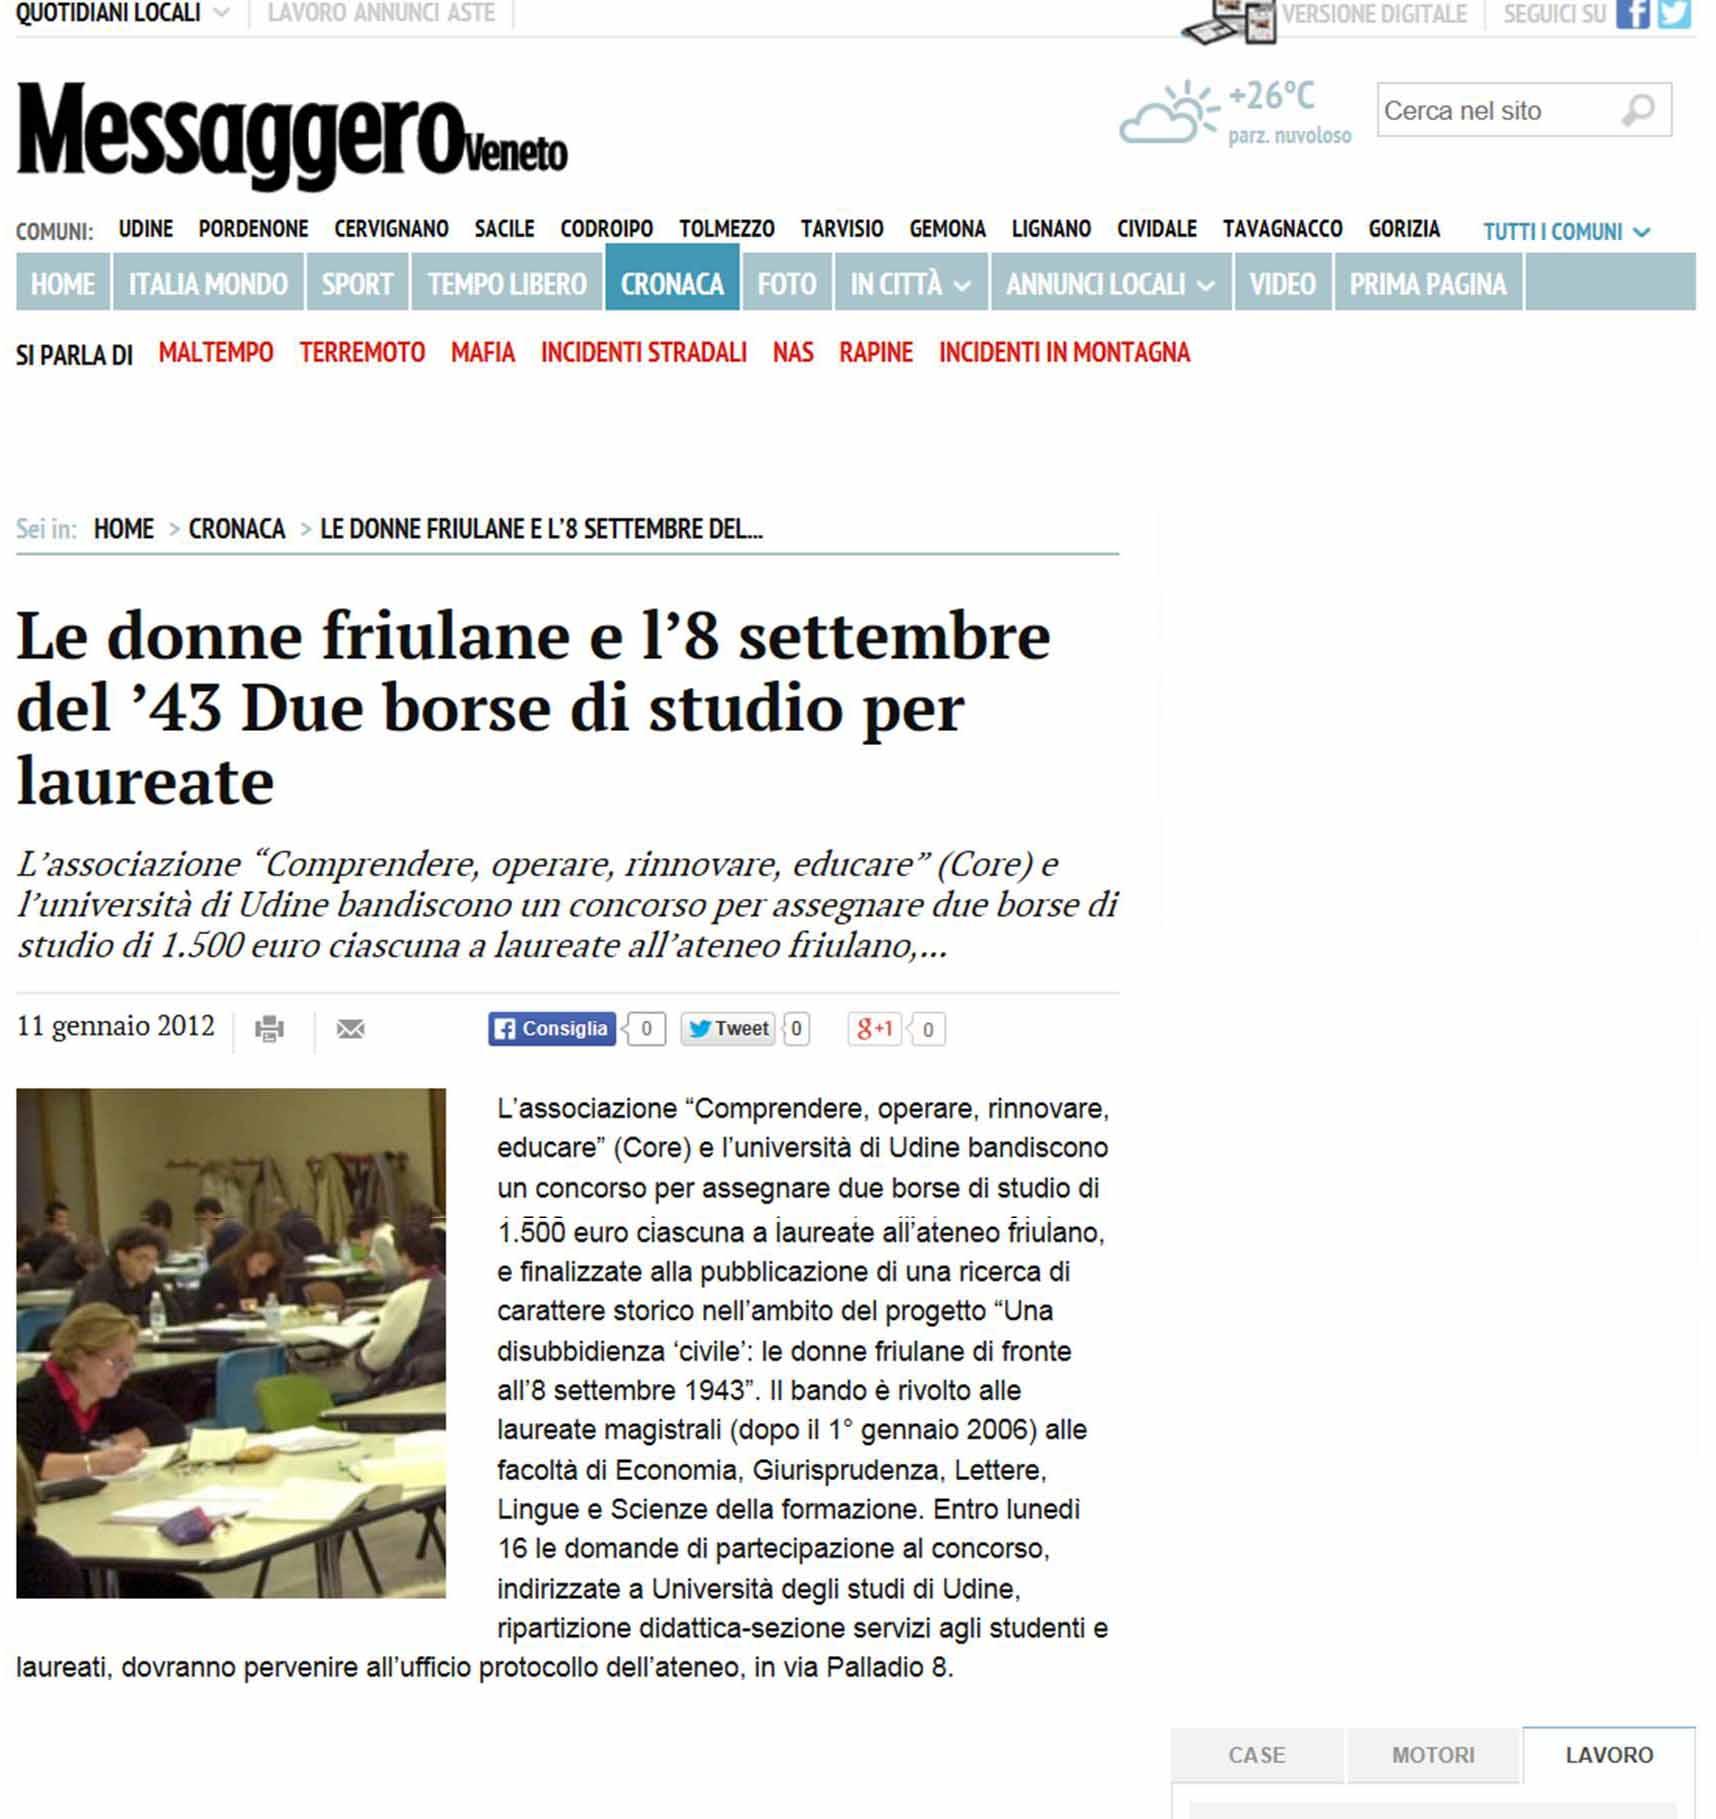 Messagero Veneto 11-01-2012